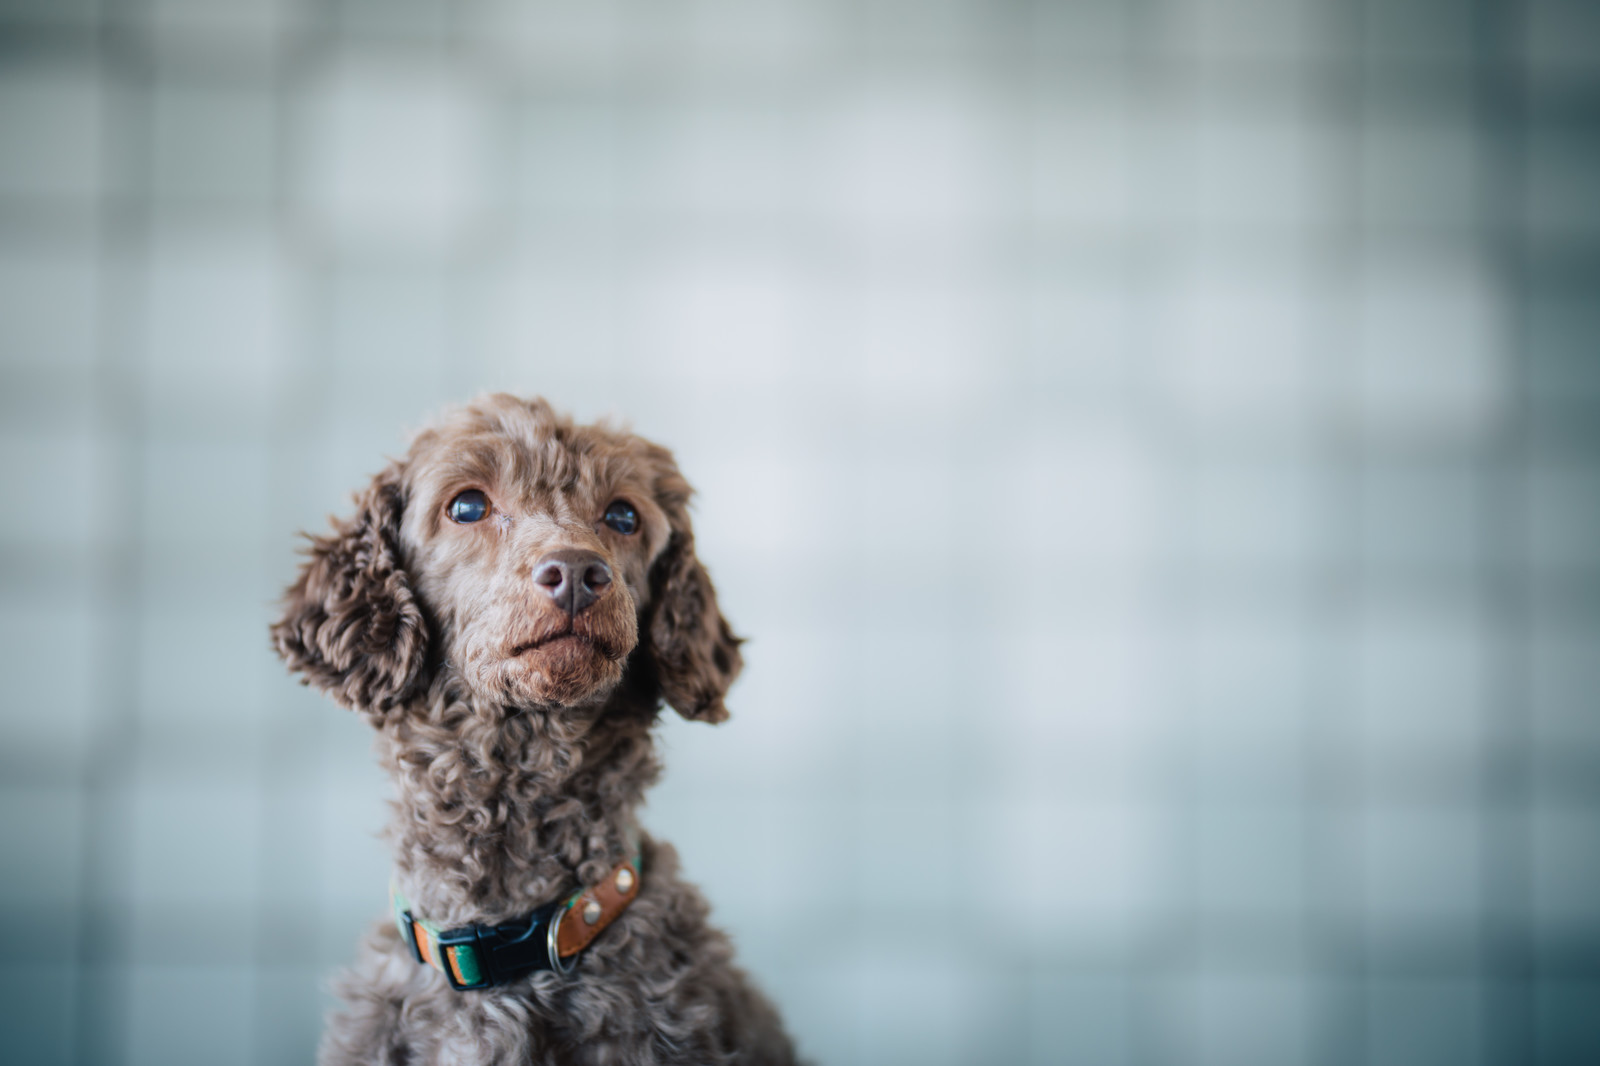 「上を見上げる犬」の写真